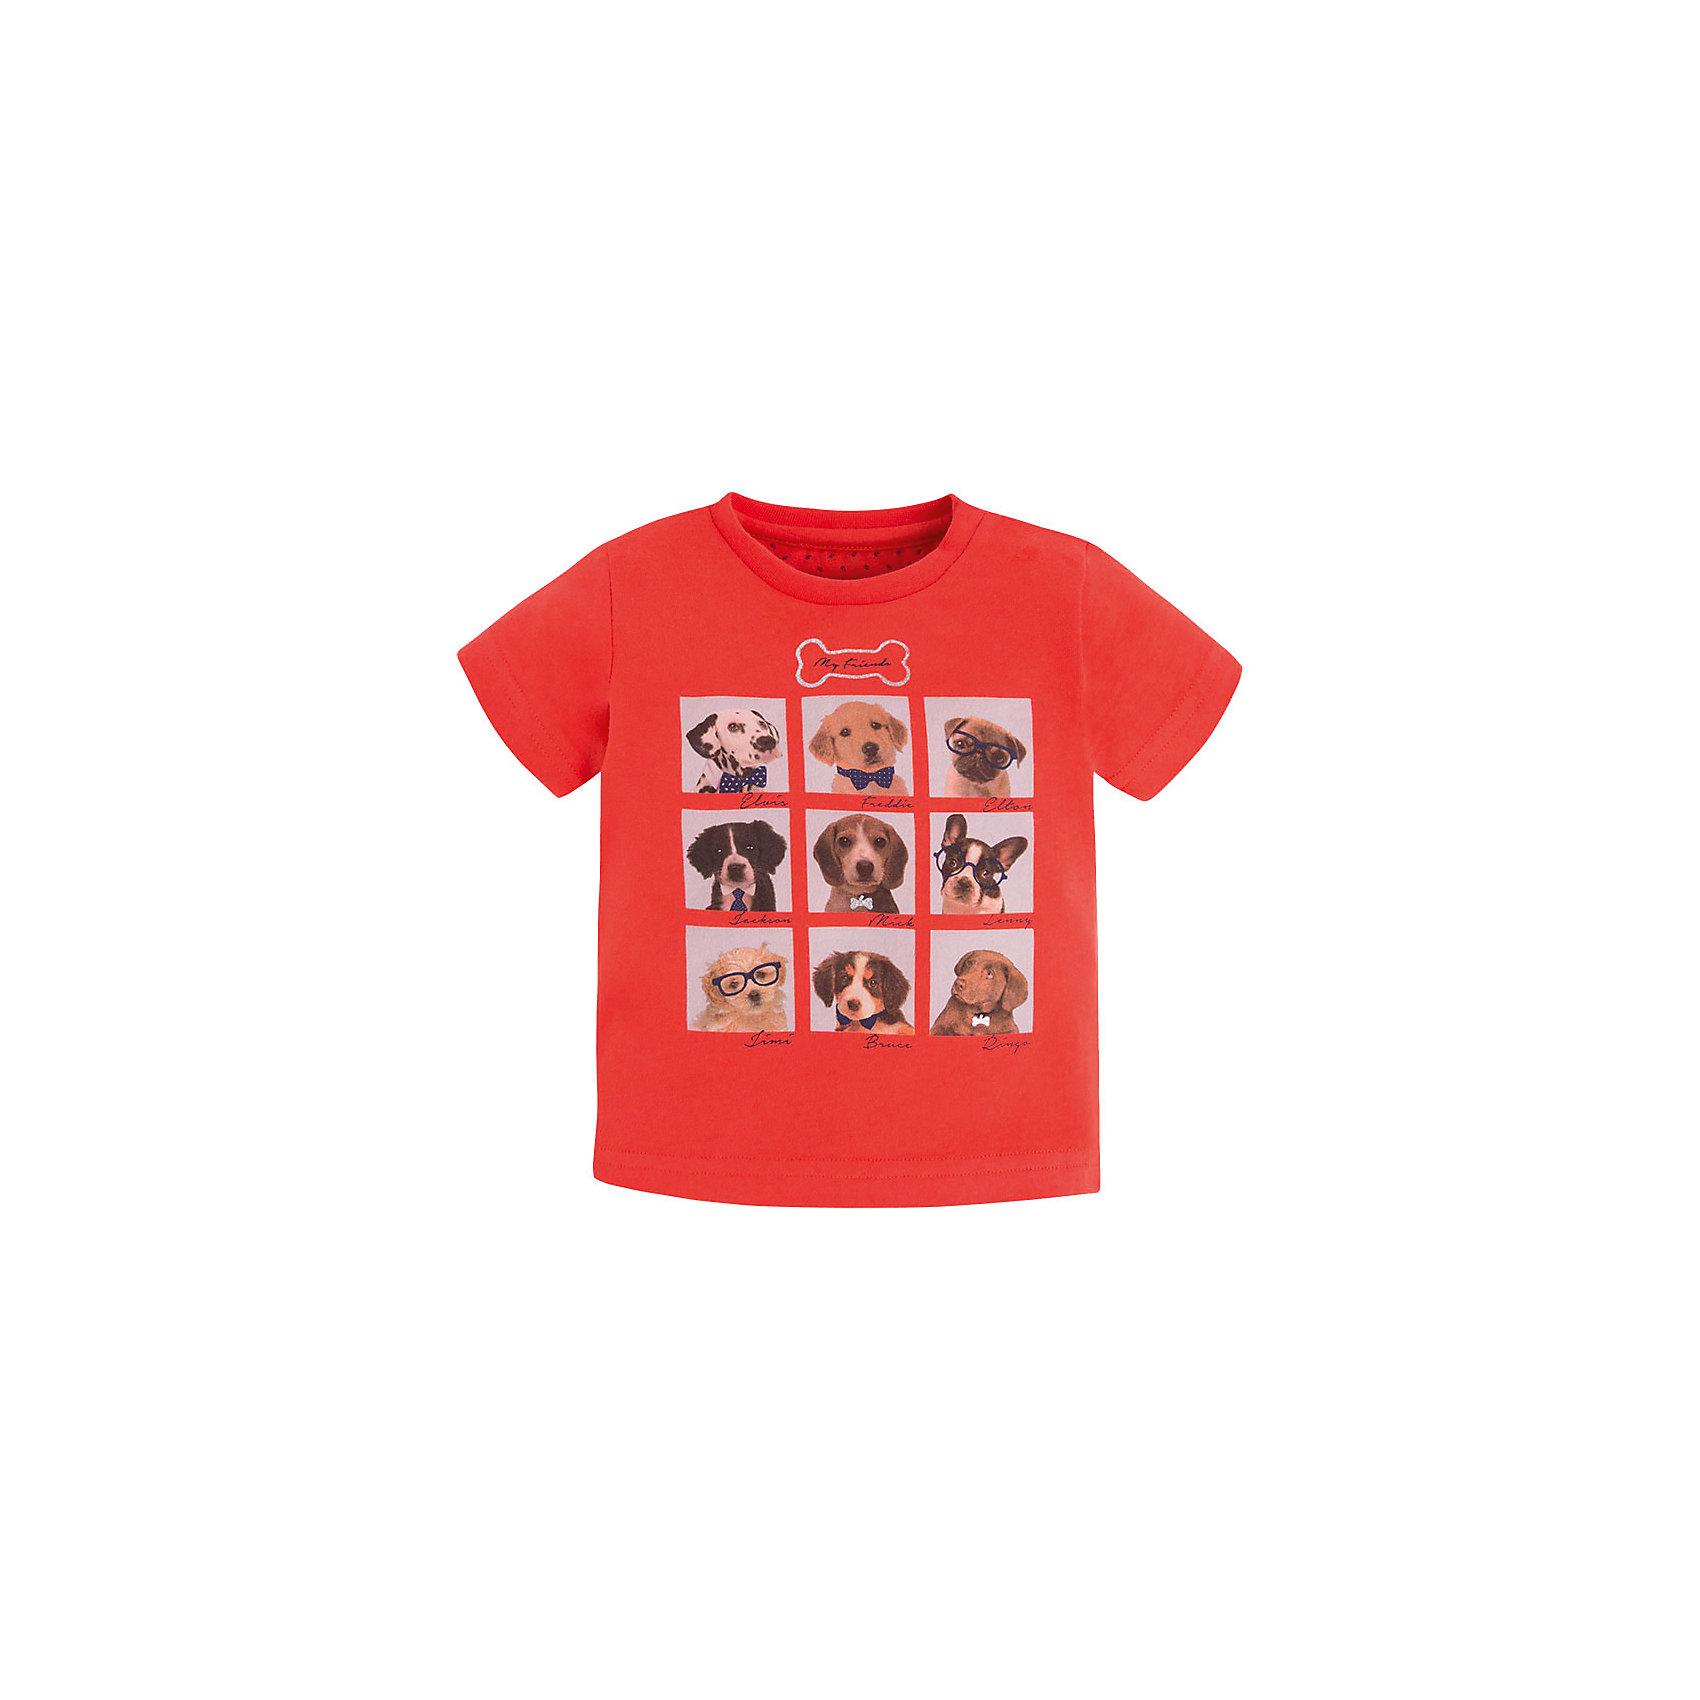 Футболка для мальчика MayoralФутболка для мальчика от известной испанской марки Mayoral дополнит летний гардероб ребенка и добавит яркие краски в образ юного модника. <br><br>Дополнительная информация:<br><br>- Мягкая, приятная к телу ткань.<br>- Округлый вырез горловины.<br>- Застегивается на кнопку на плече. <br>- Прямой крой. <br>- Отделка горловины: в мелкий рубчик. <br>- Яркий принт с изображением милых щенков.<br>- Состав: 100% хлопок.<br><br>Футболку для мальчика Mayoral (Майорал) можно купить в нашем магазине.<br><br>Ширина мм: 199<br>Глубина мм: 10<br>Высота мм: 161<br>Вес г: 151<br>Цвет: розовый<br>Возраст от месяцев: 6<br>Возраст до месяцев: 9<br>Пол: Мужской<br>Возраст: Детский<br>Размер: 74,92,86,80<br>SKU: 4537600